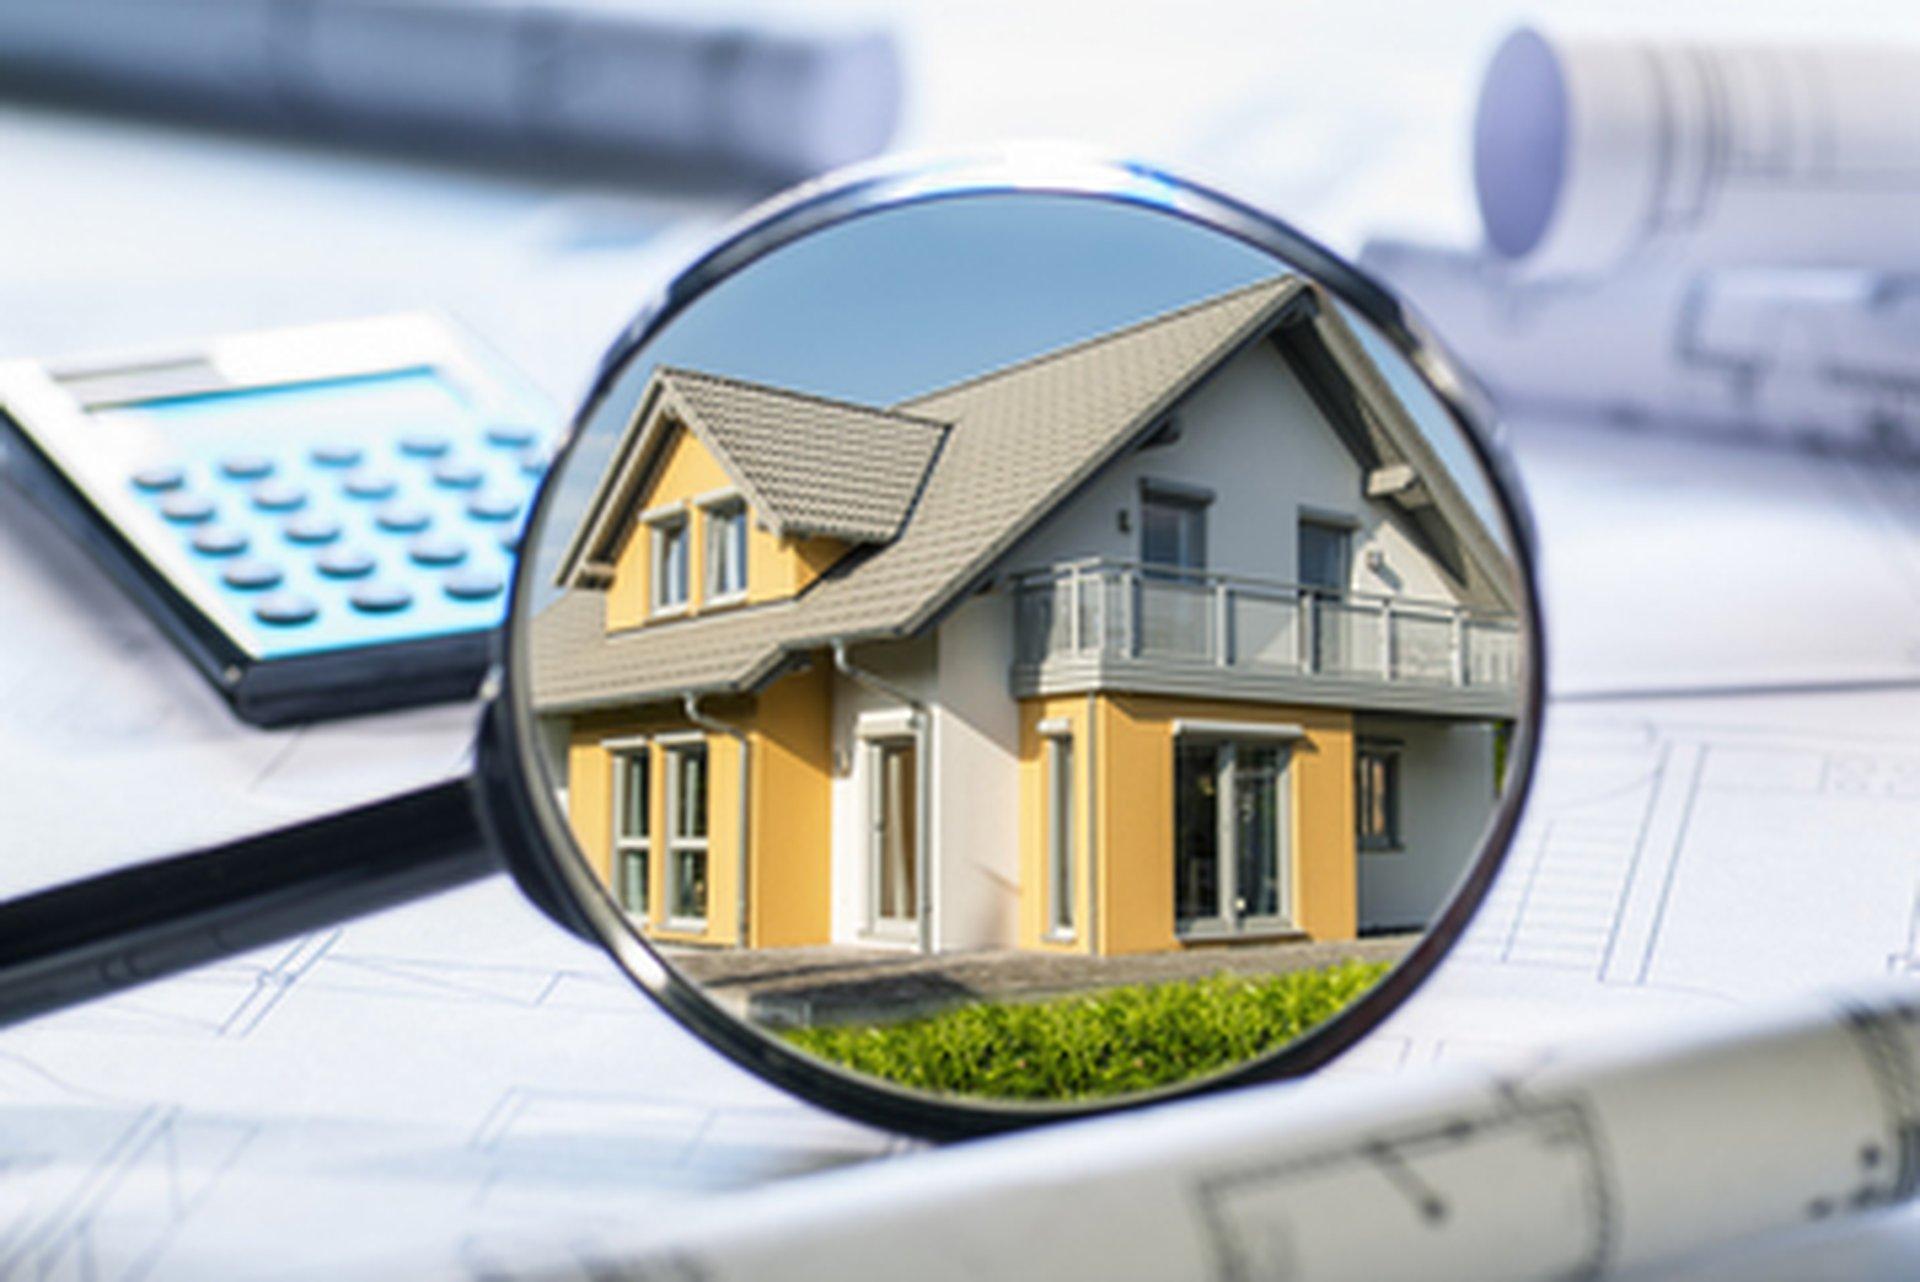 Alles zum Wertgutachten für eine Immobilie